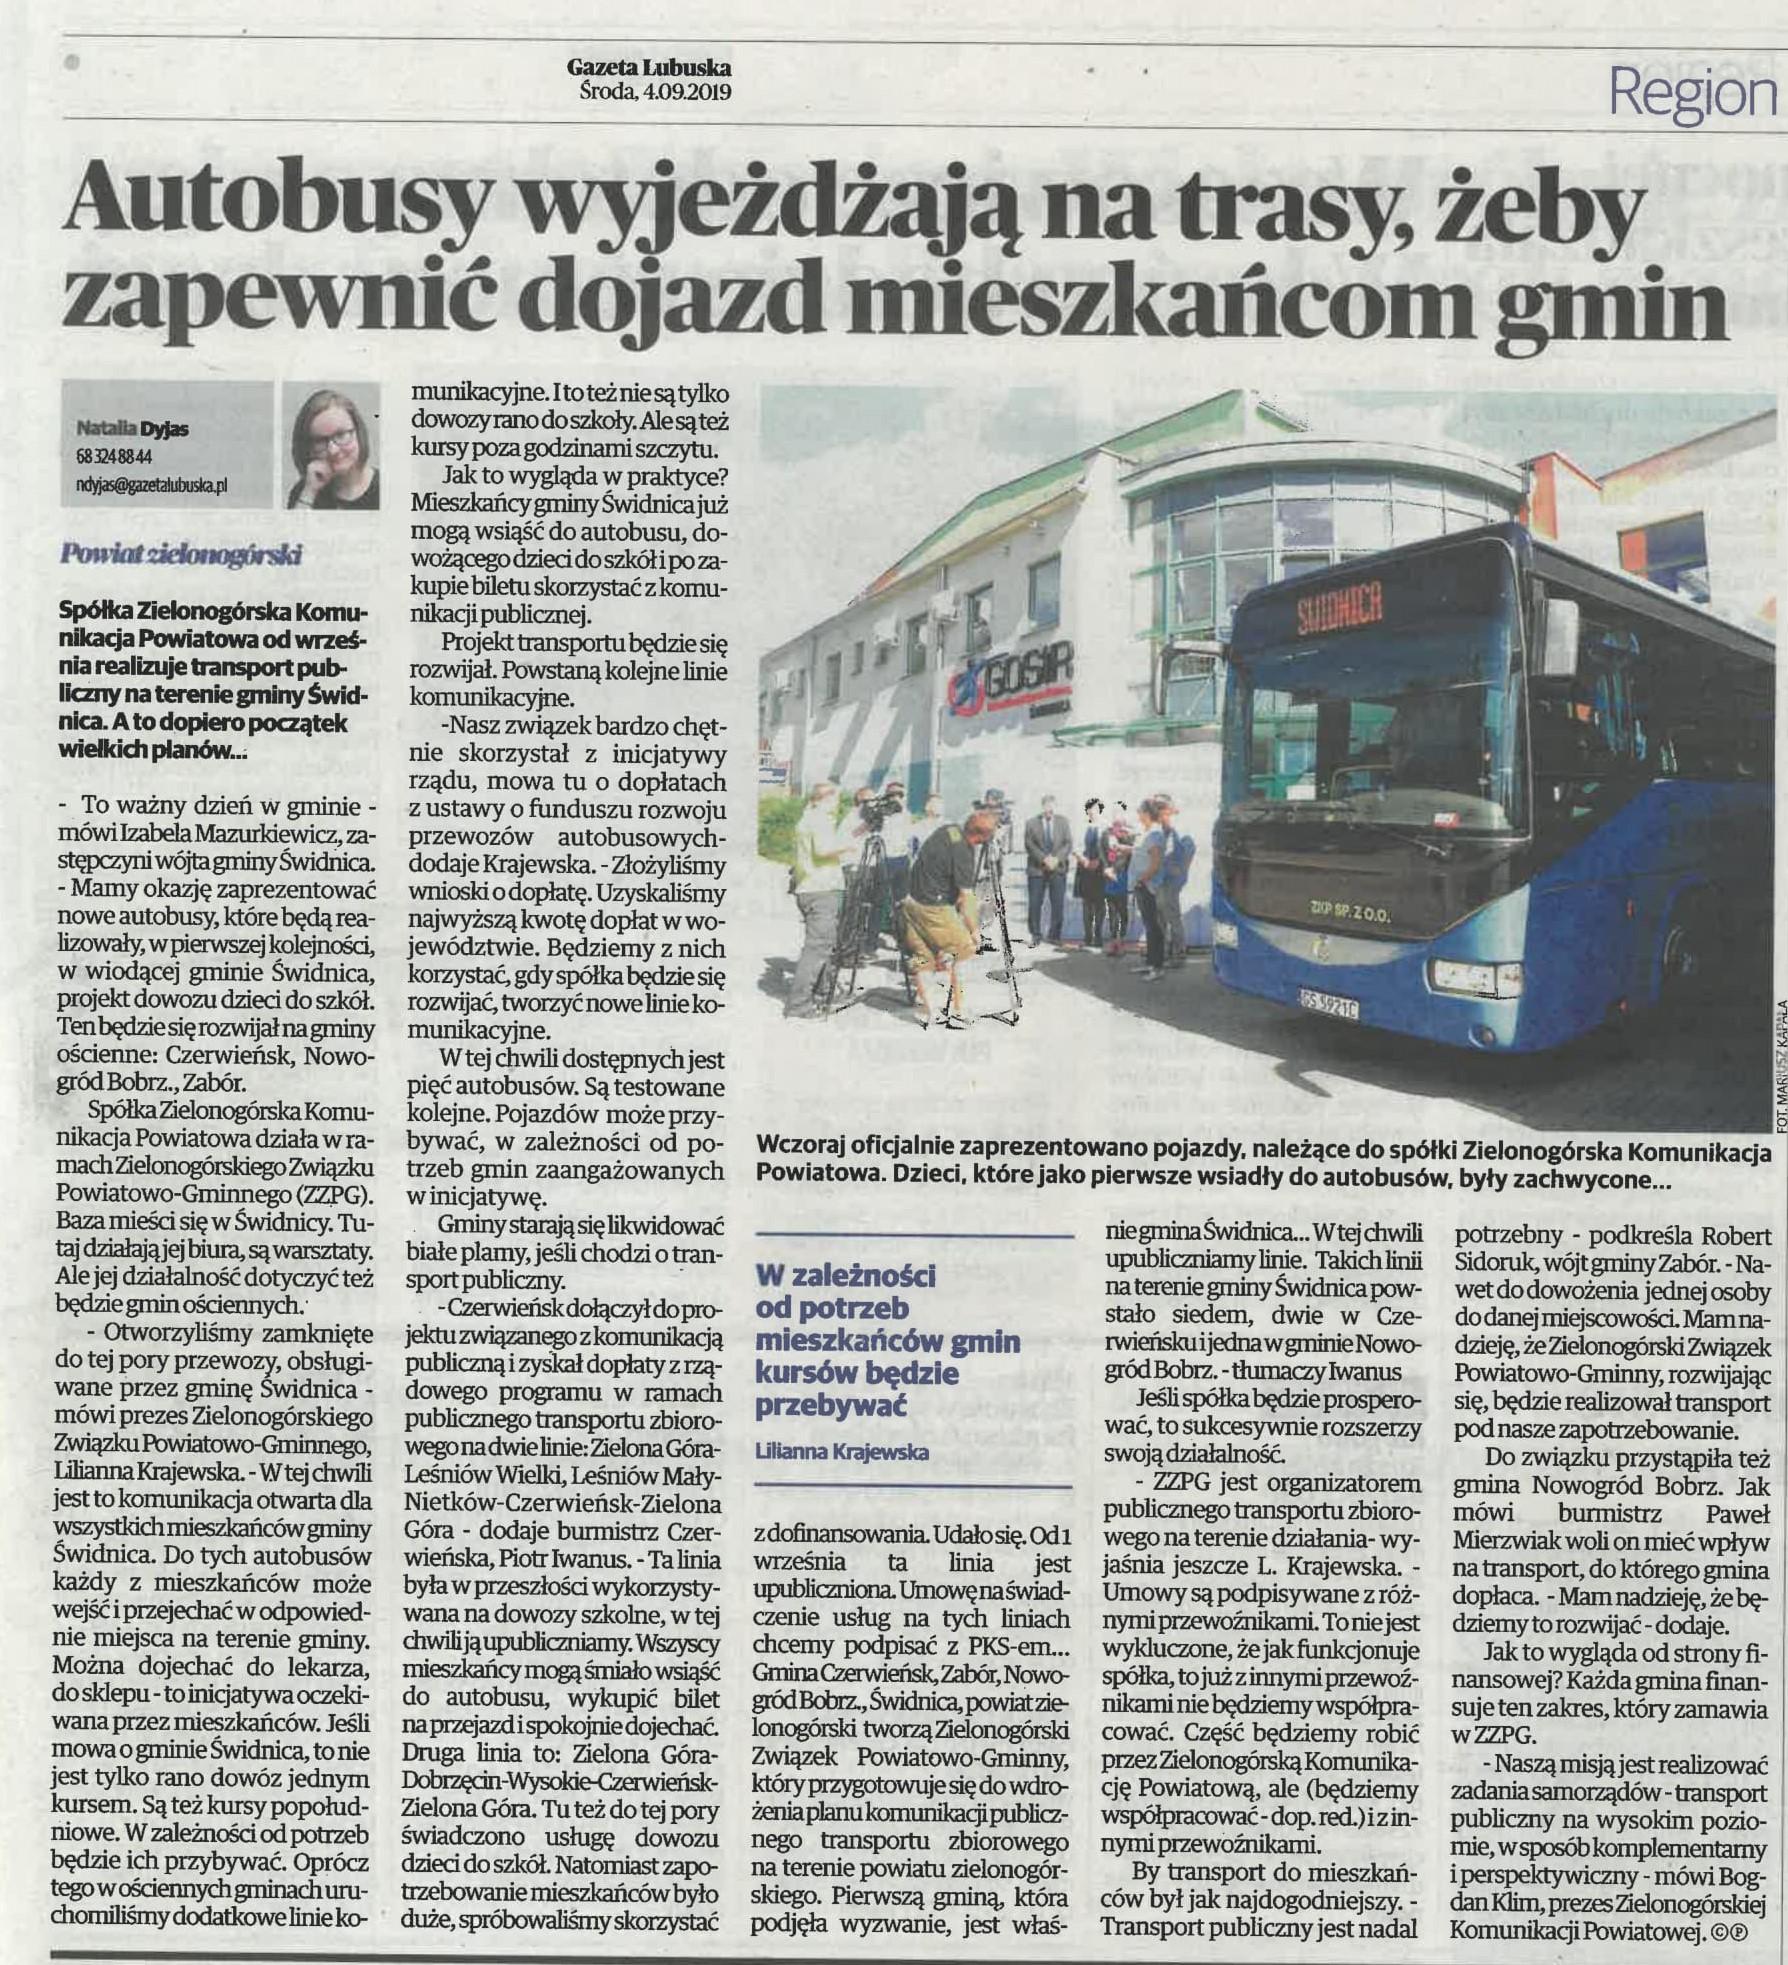 Ilustracja do informacji: Gazeta Lubuska o Zielonogórskiej Komunikacji Powiatowej